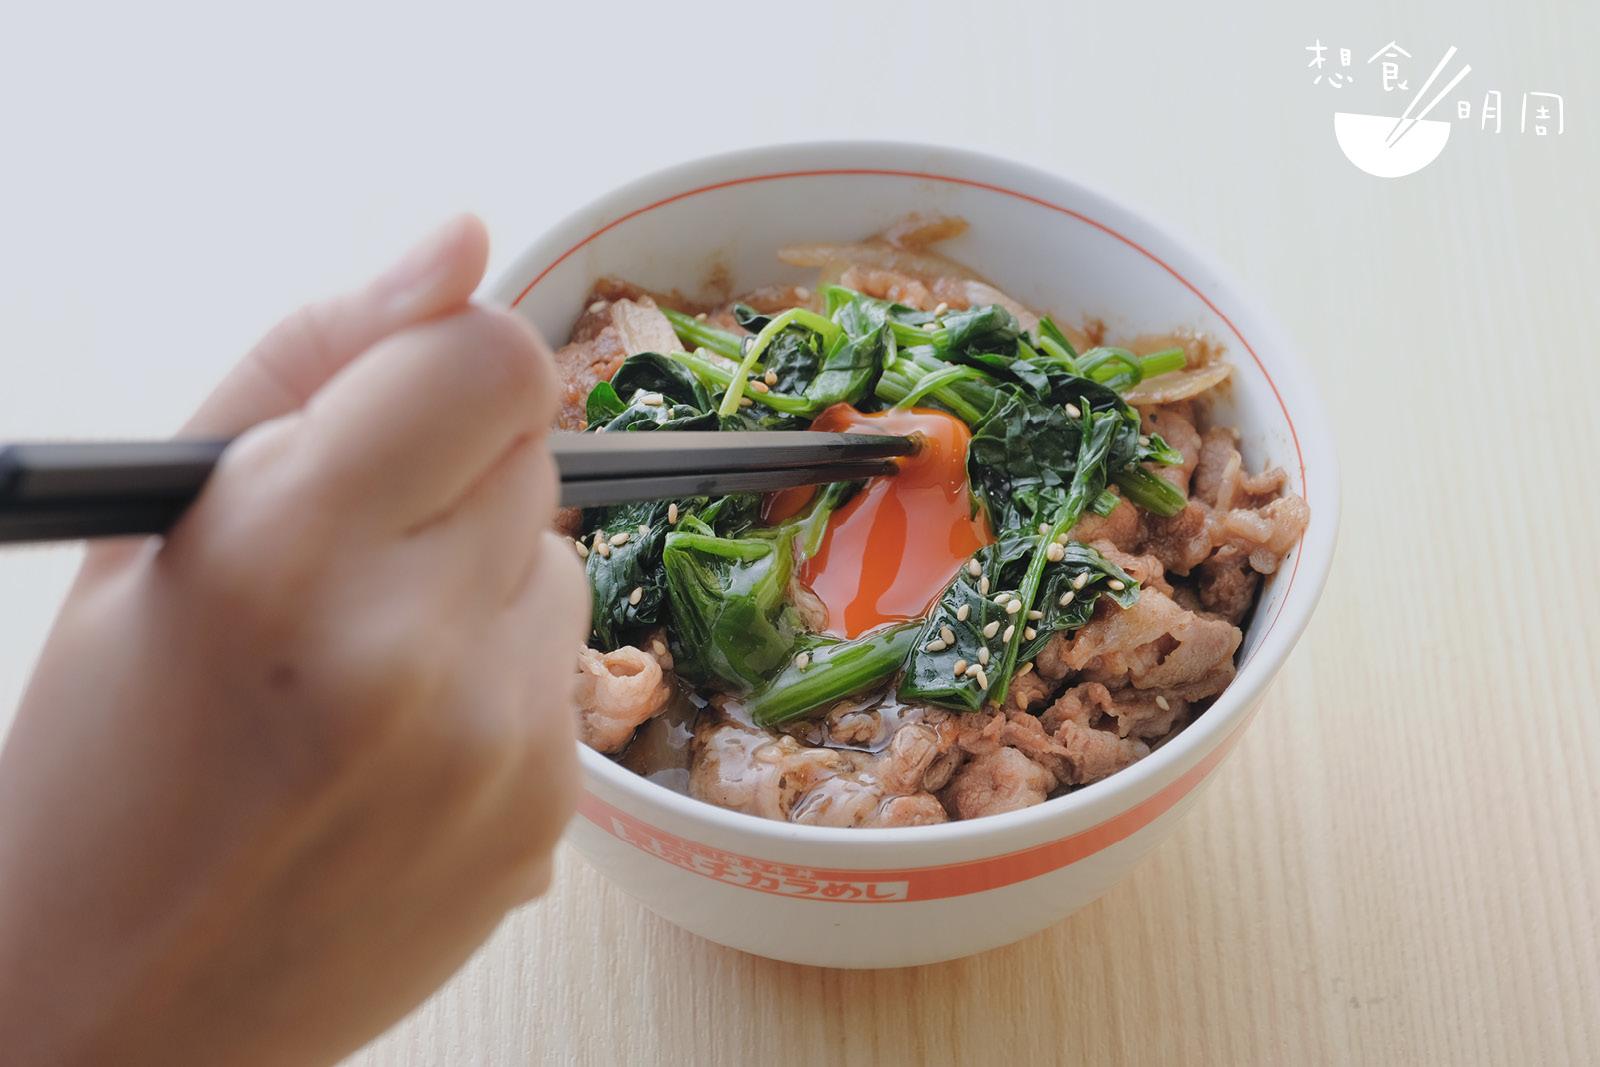 招牌燒牛肉丼配生雞蛋// 牛肉、雞蛋、醬汁和白飯,建構出一碗正宗滋味!($65)